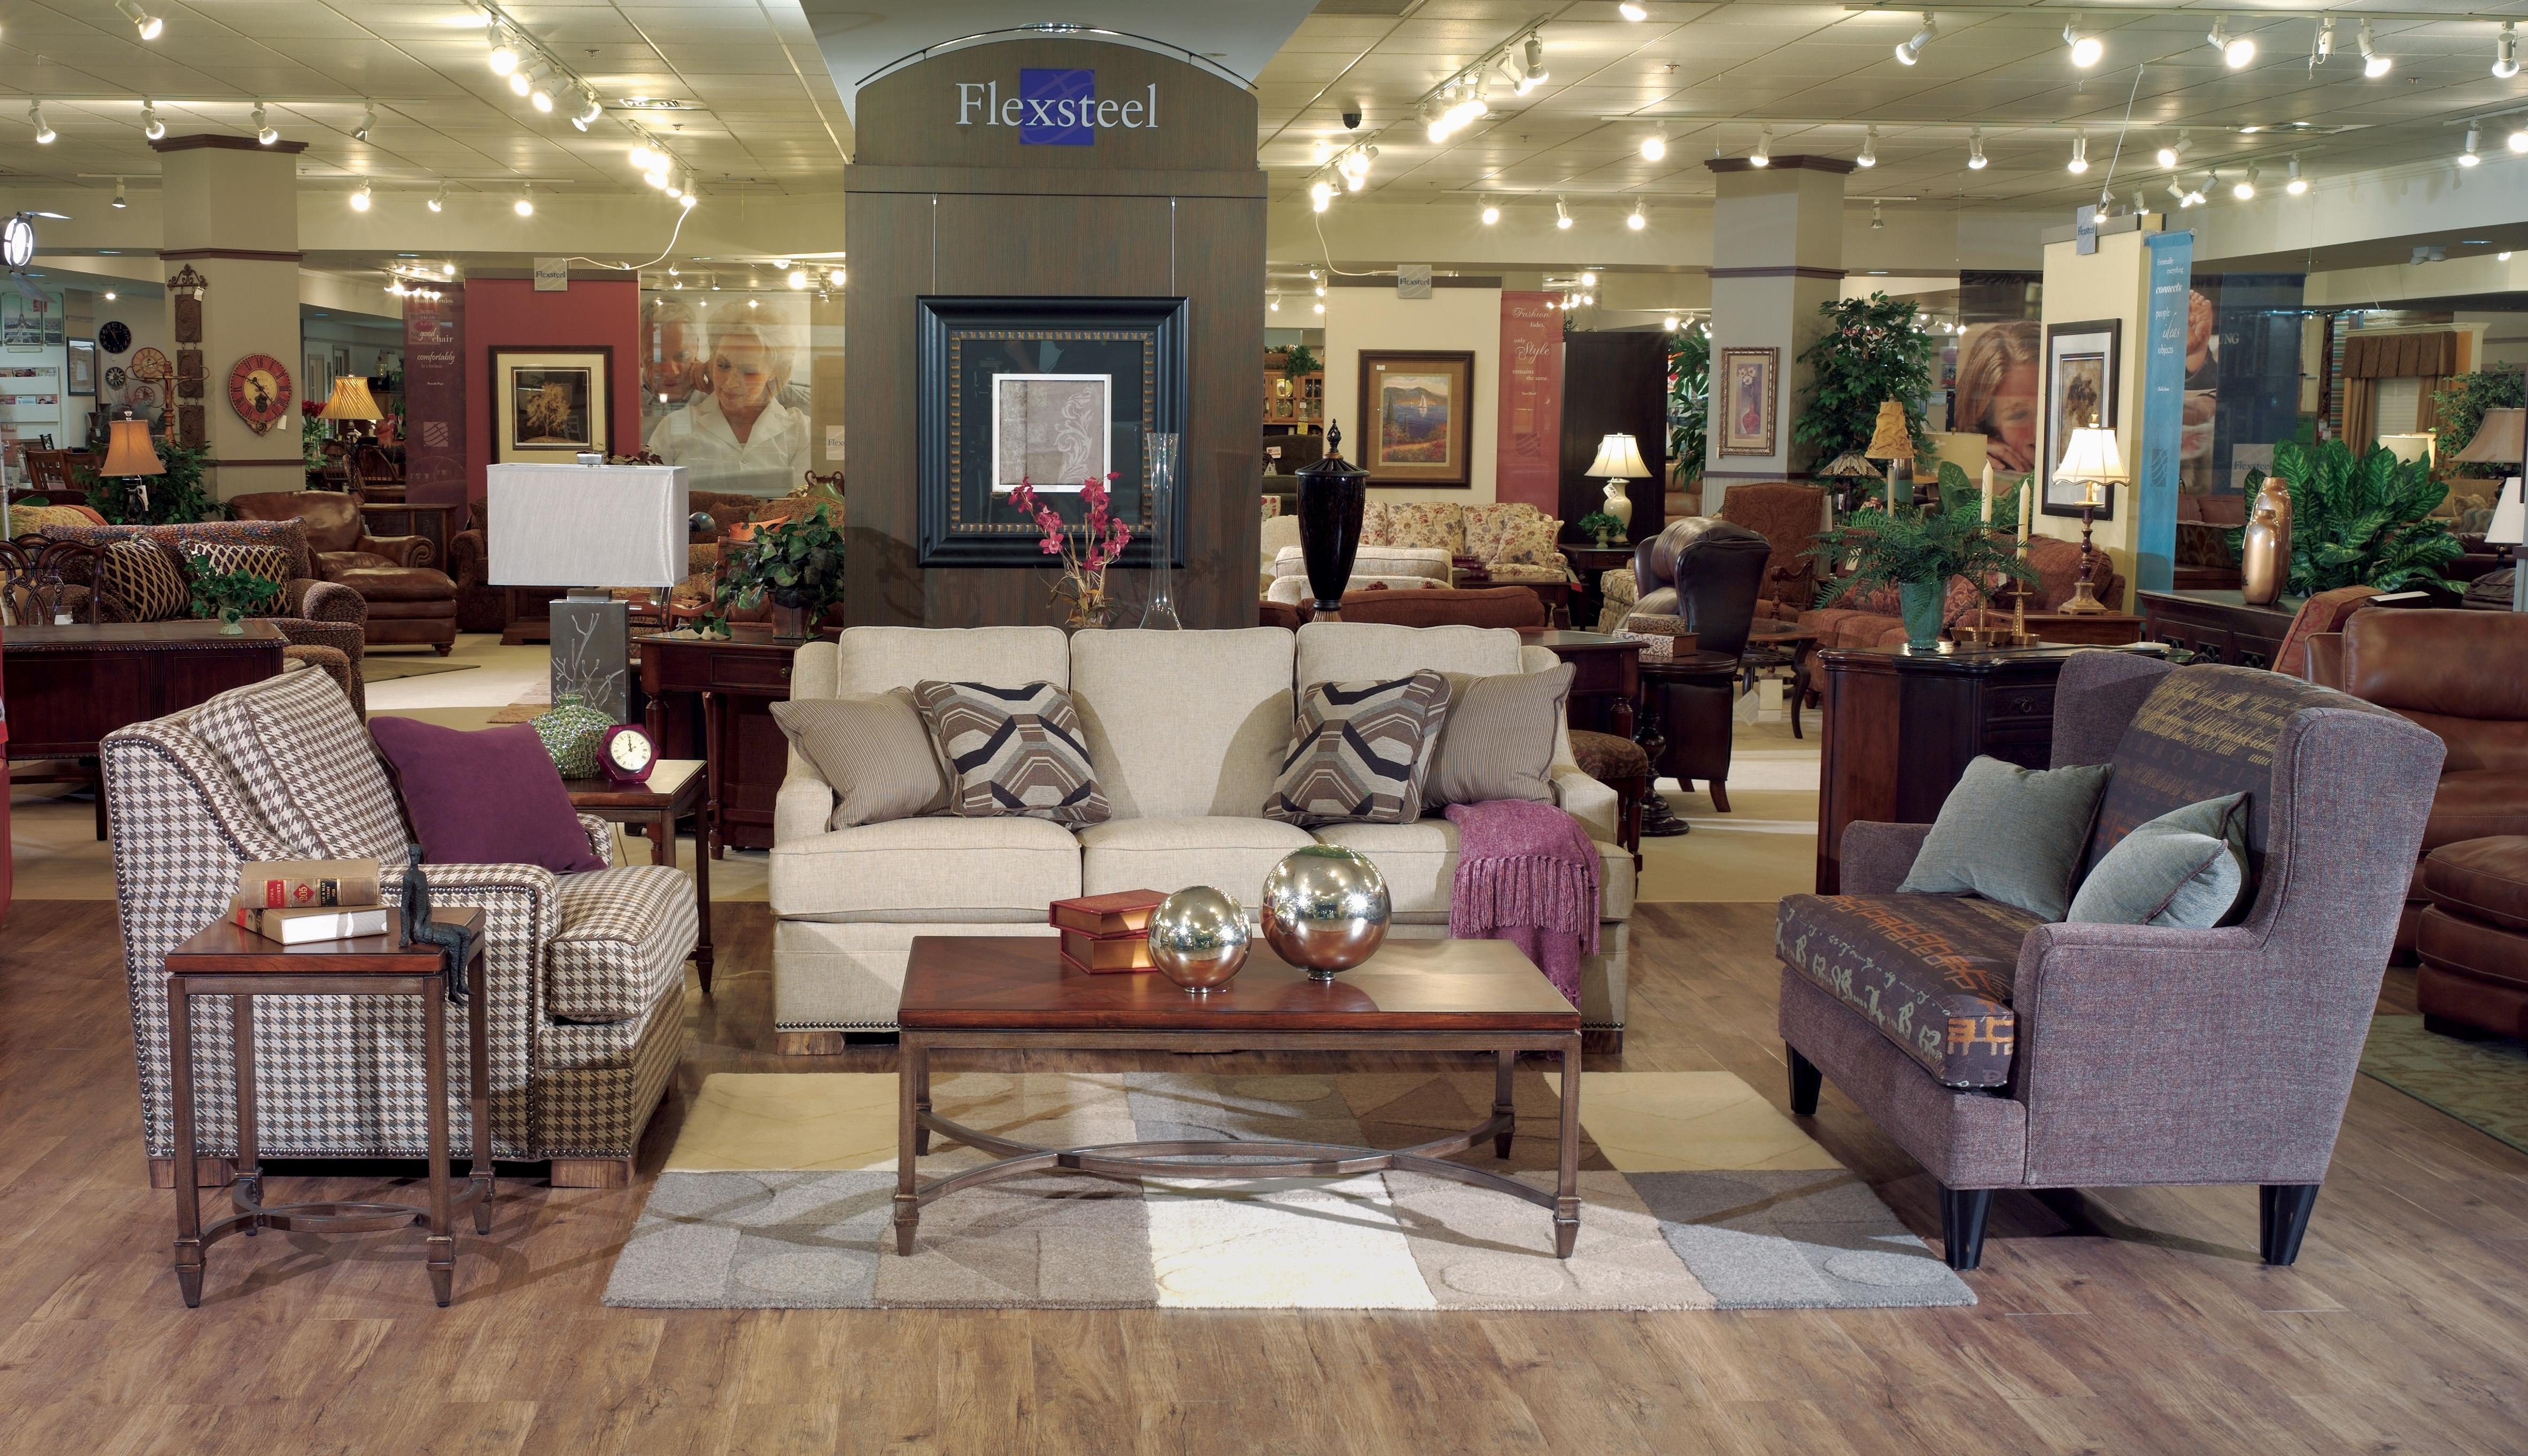 Floor Show Corporation Warehouse Dubuque Ia 52002